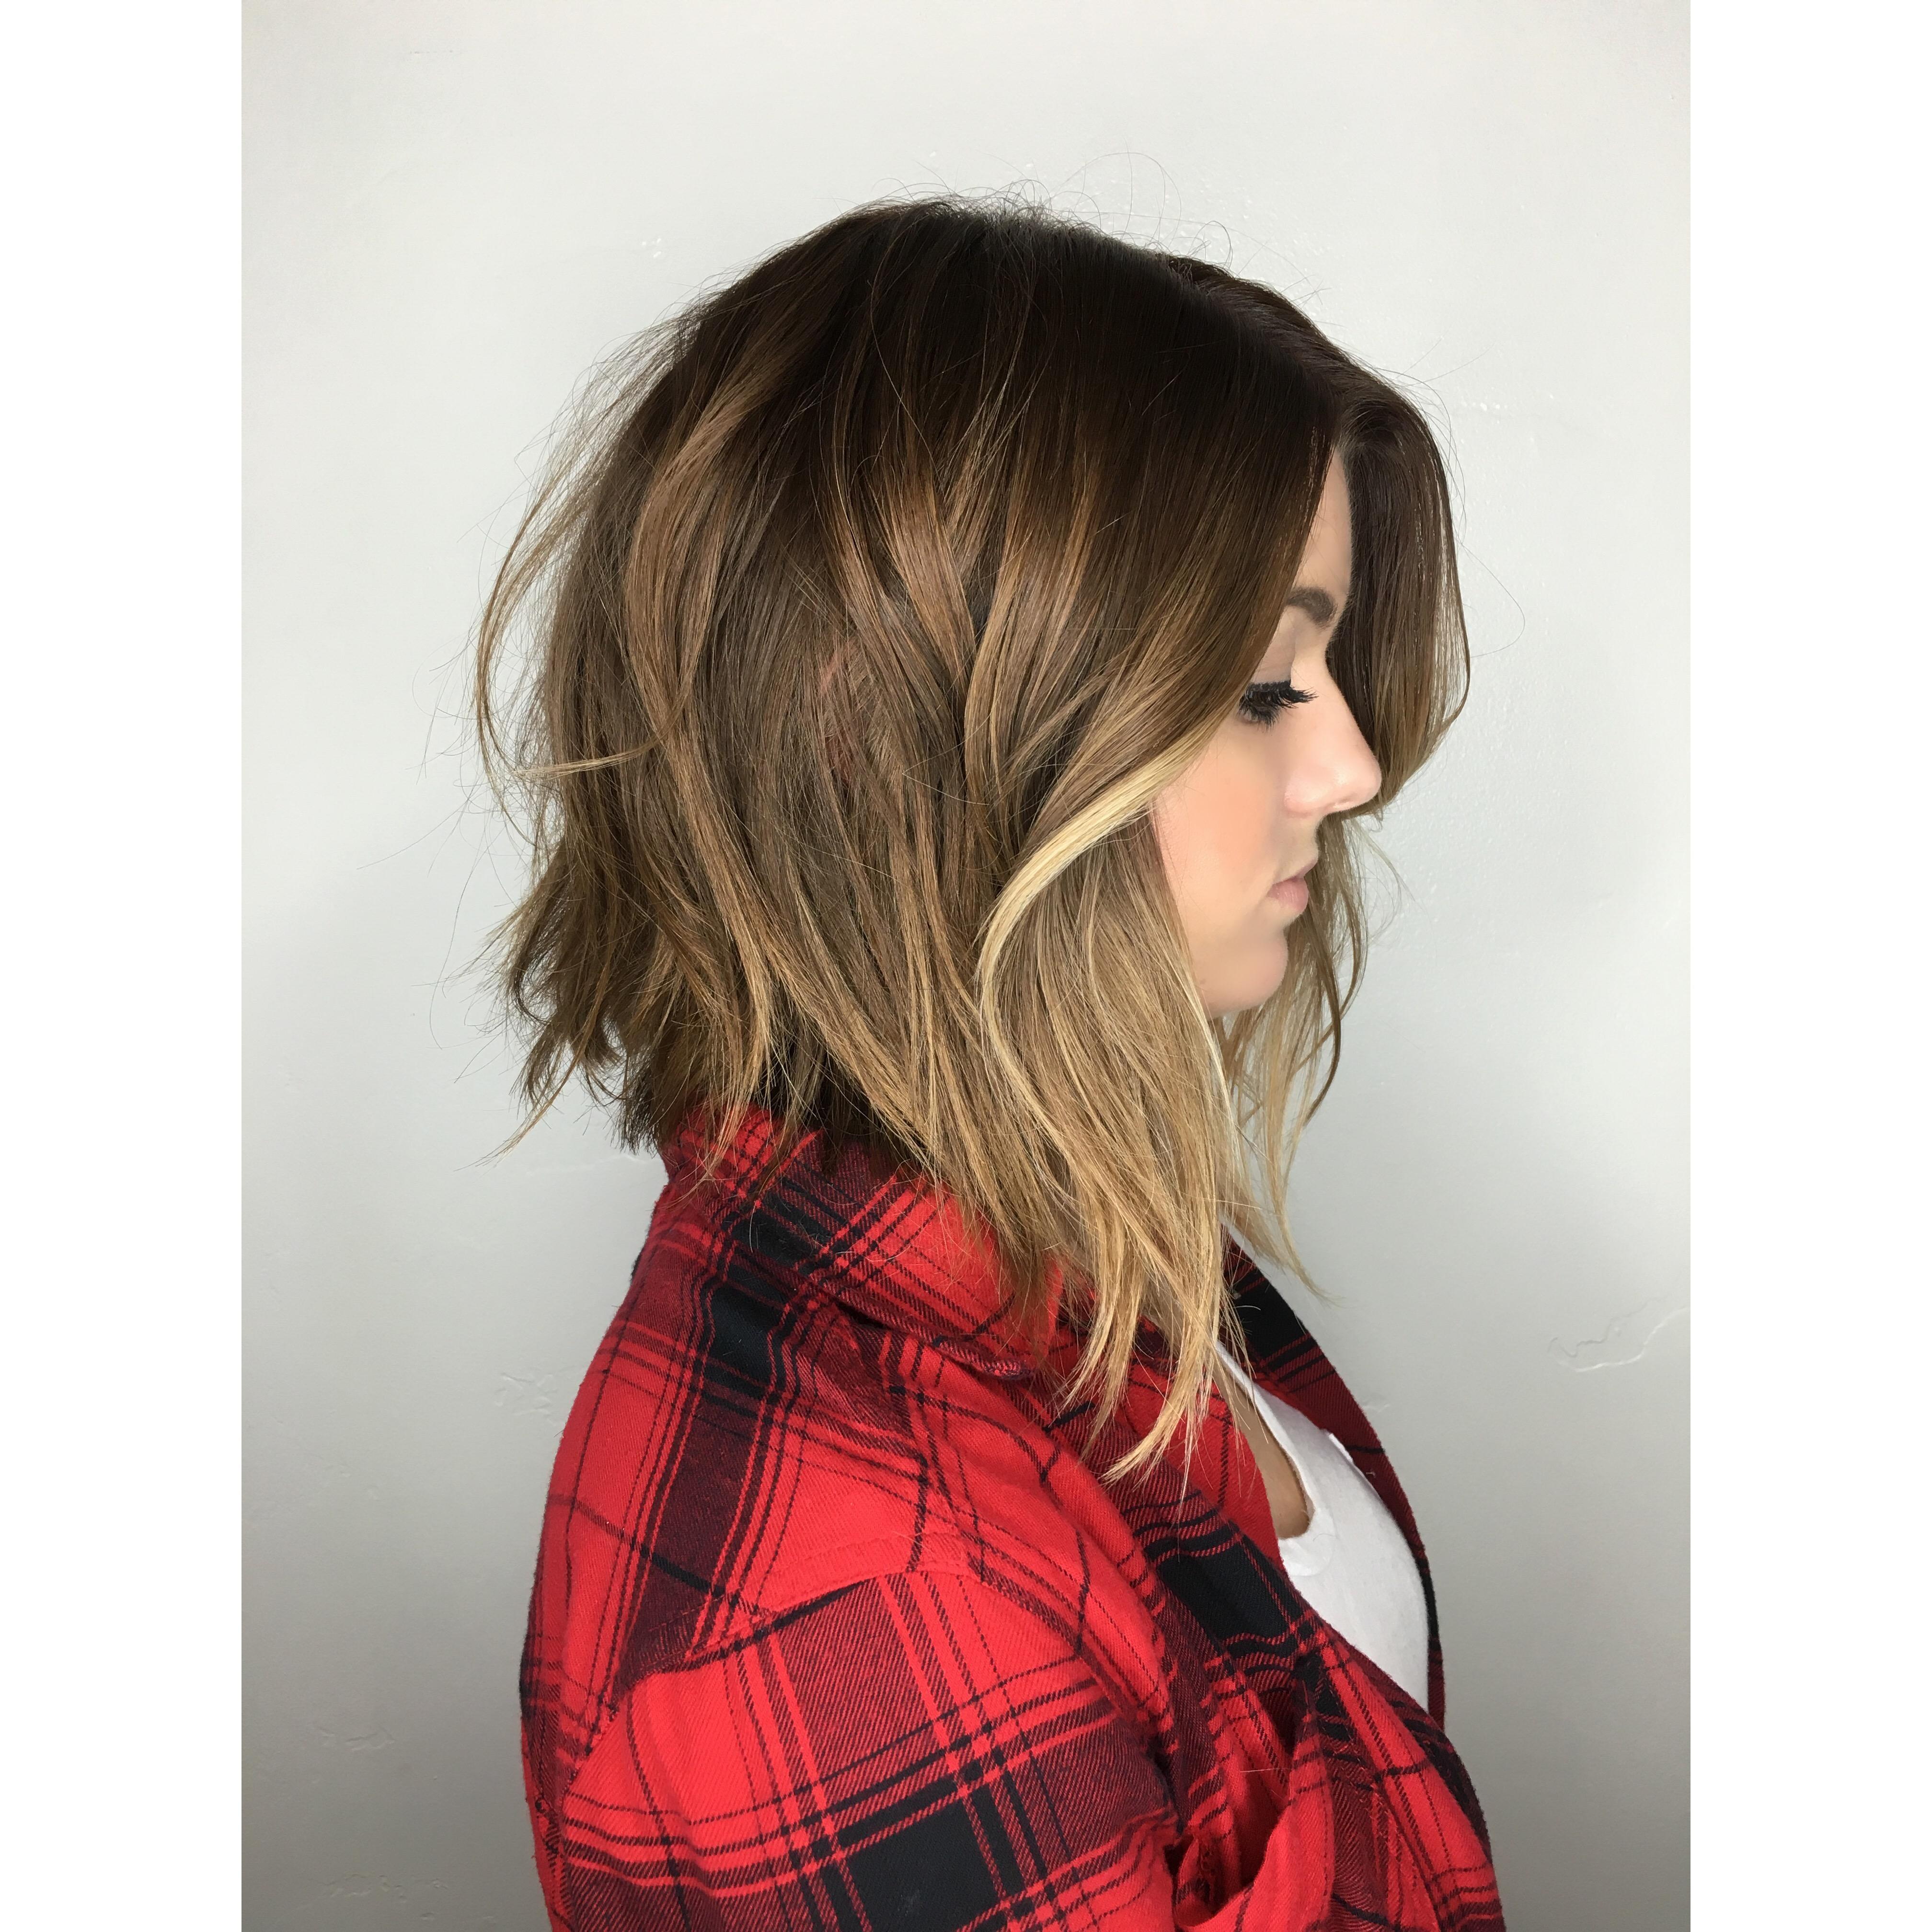 Soft Undercut Ombré Hair Painting Andrea Lefevre